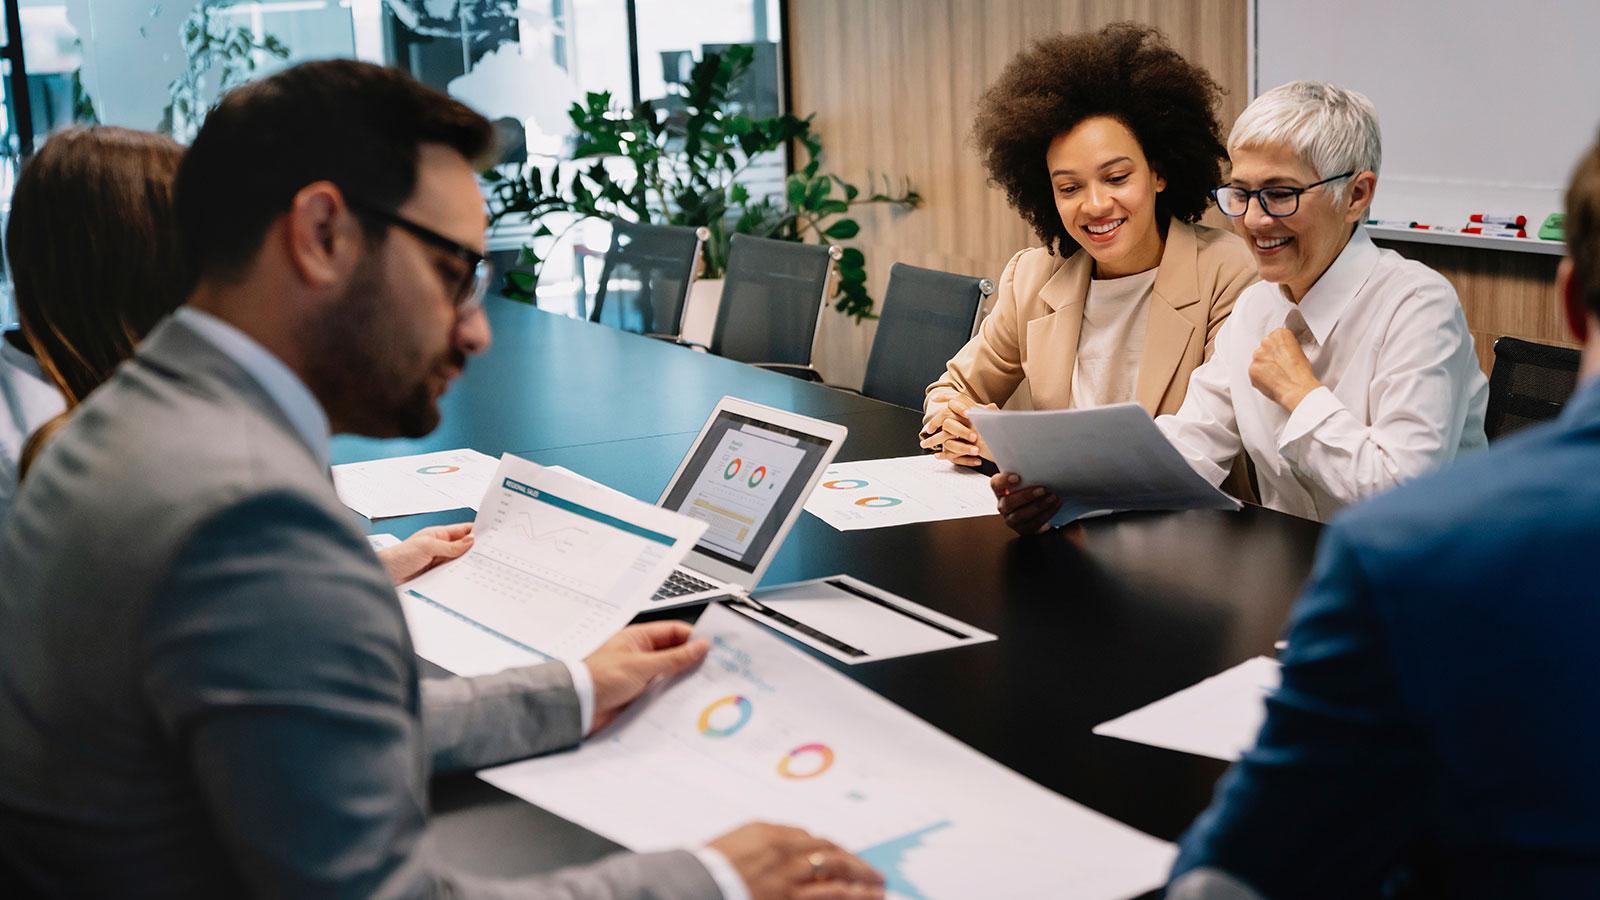 cultura organizacional 1 - Entenda o que é cultura organizacional e como implementar na sua empresa